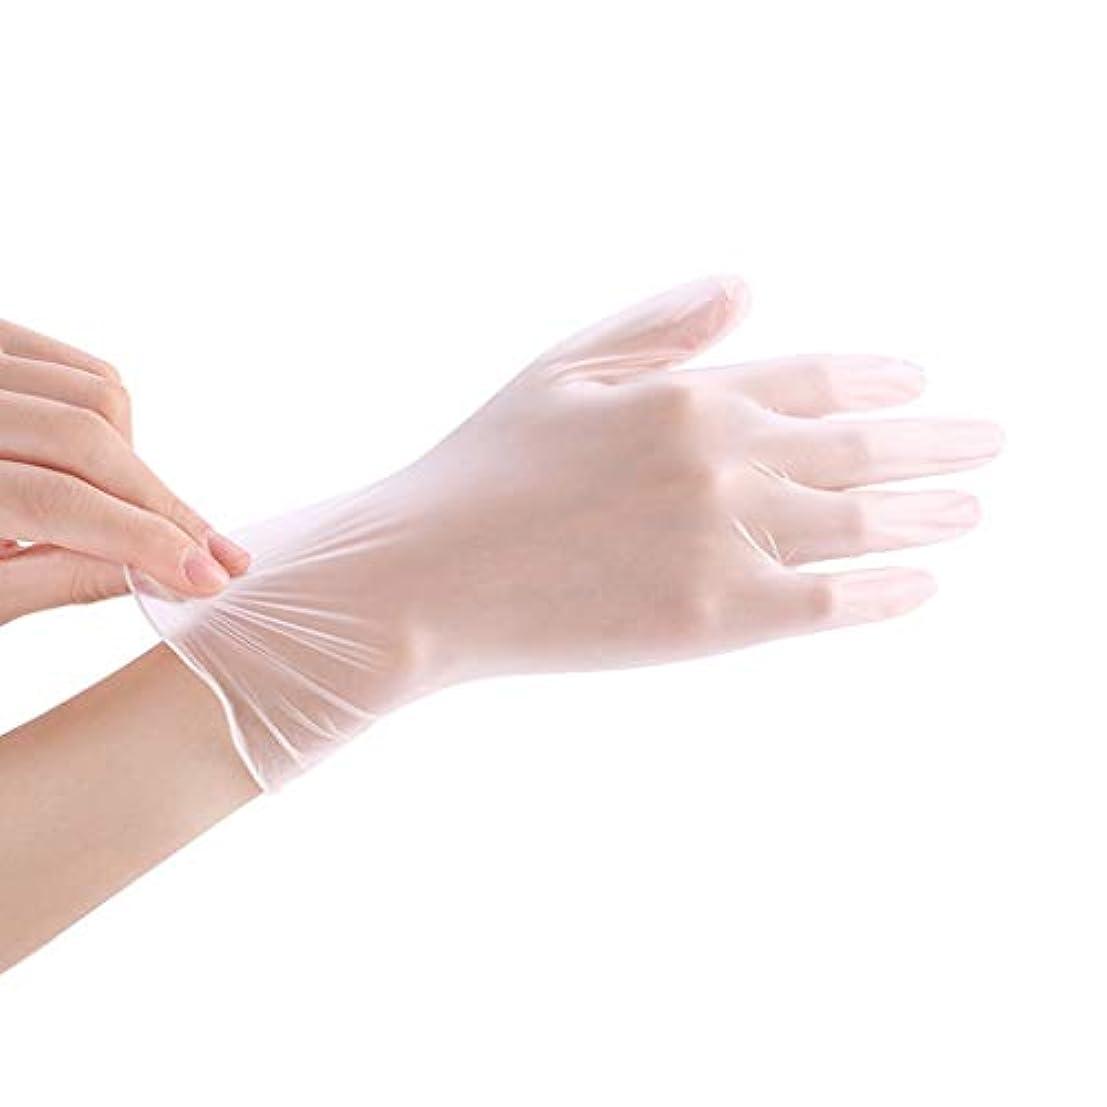 修士号銀行束使い捨て透明食品ケータリンググレードPVC手袋美容キッチンベーキングフィルム手袋200 YANW (色 : トランスペアレント, サイズ さいず : L l)